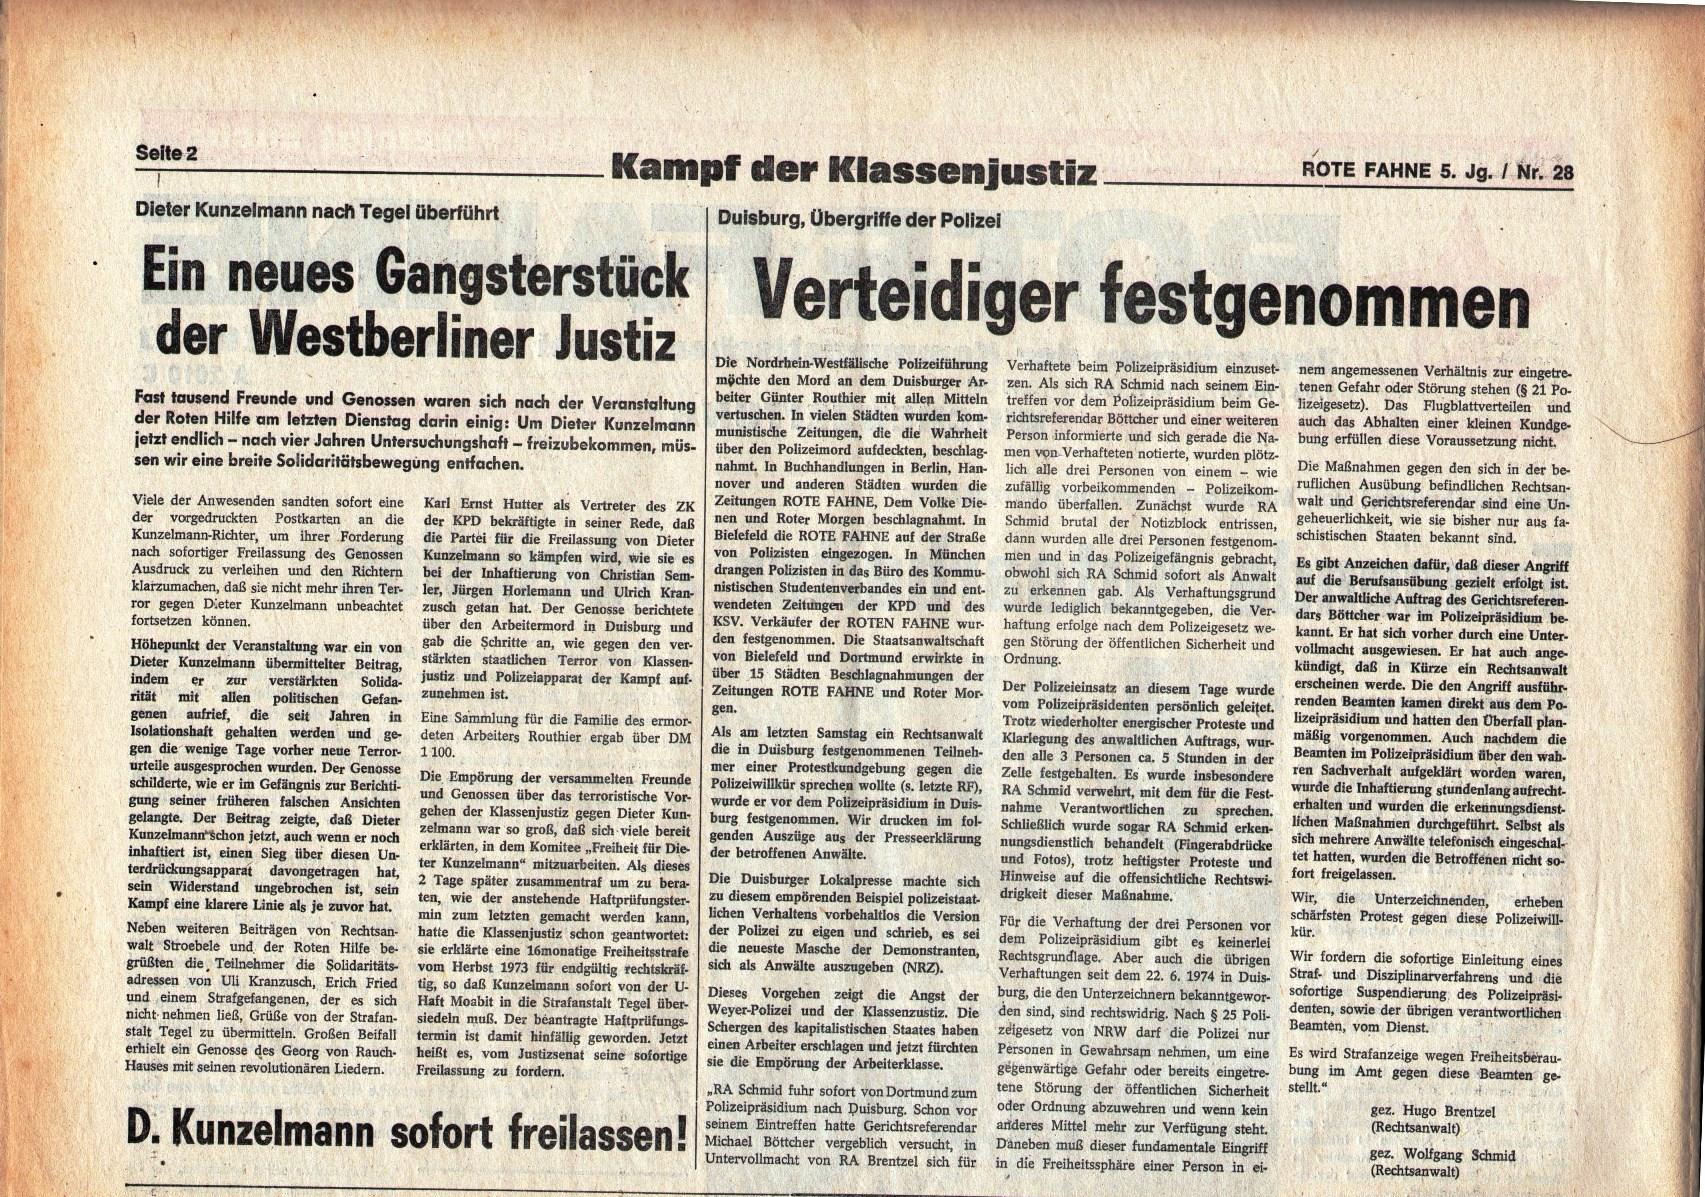 KPD_Rote_Fahne_1974_28_03